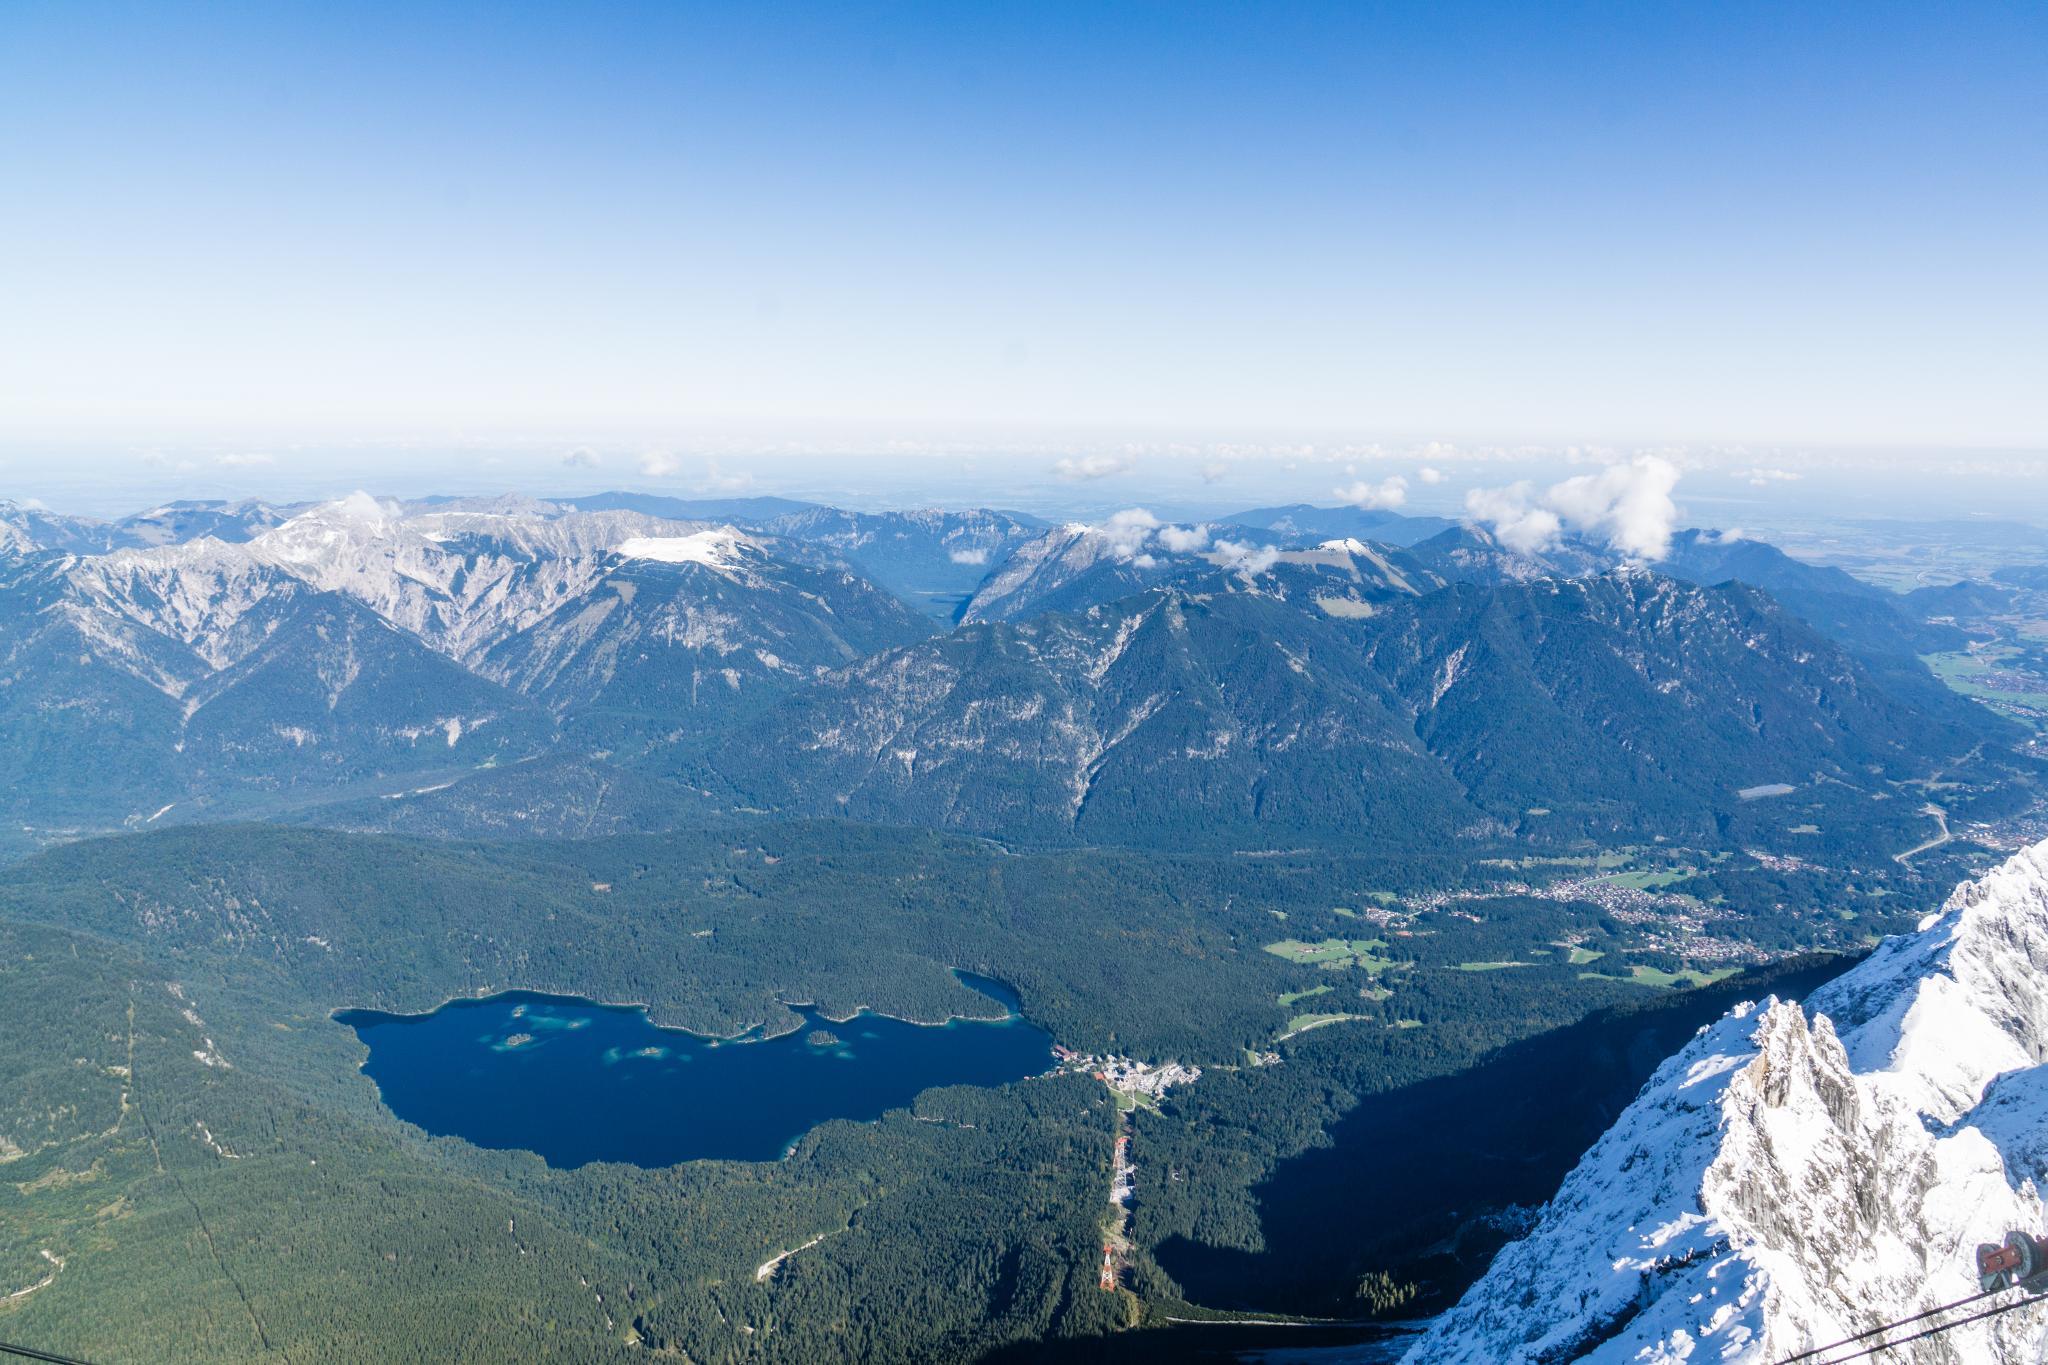 【德國】阿爾卑斯大道:楚格峰 (Zugspitze) 登上德國之巔 49